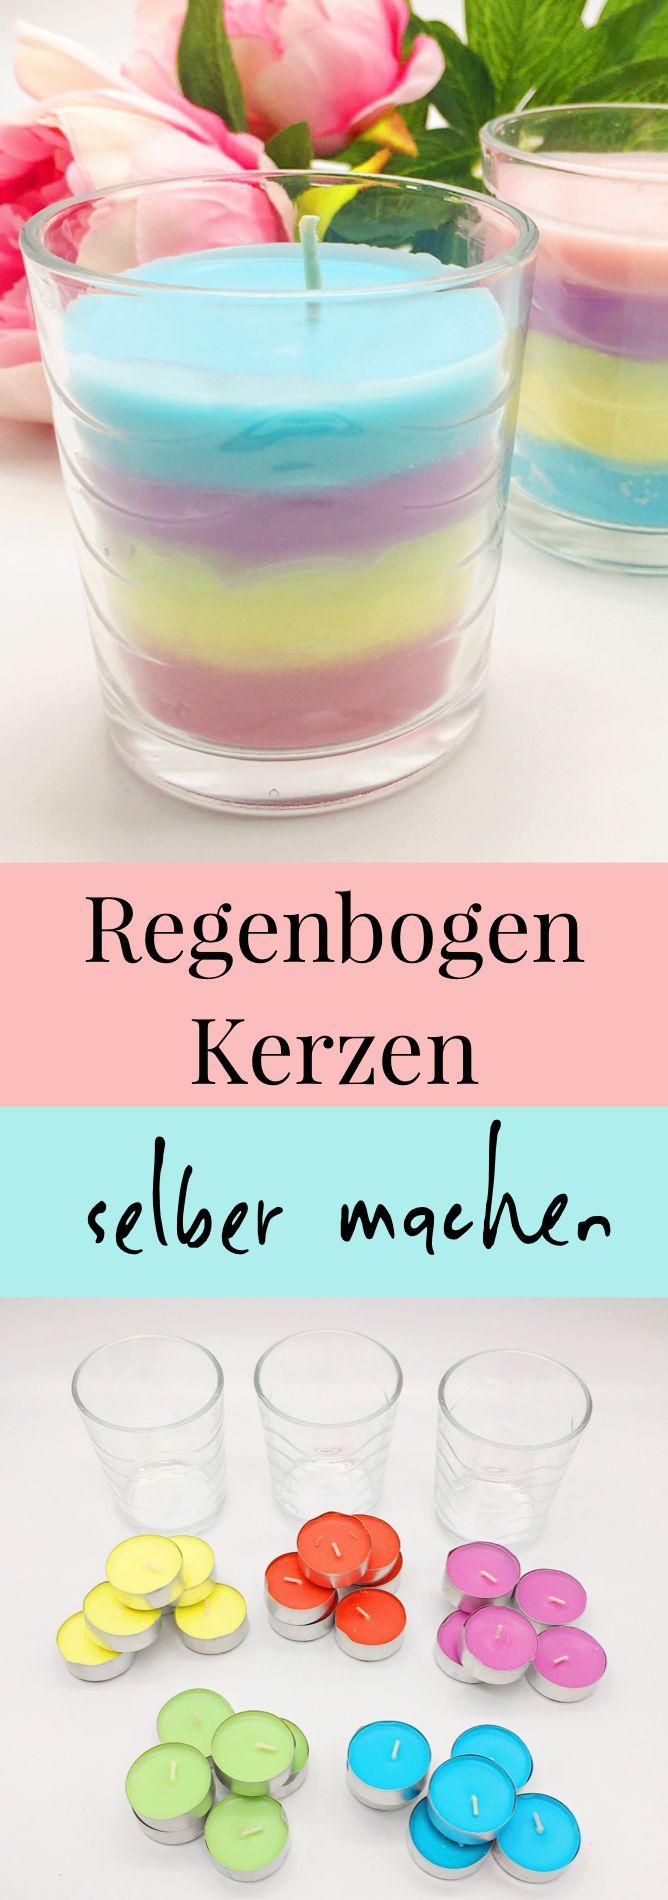 Regenbogen Kerzen Selber Machen U2013 Schönes DIY Geschenk